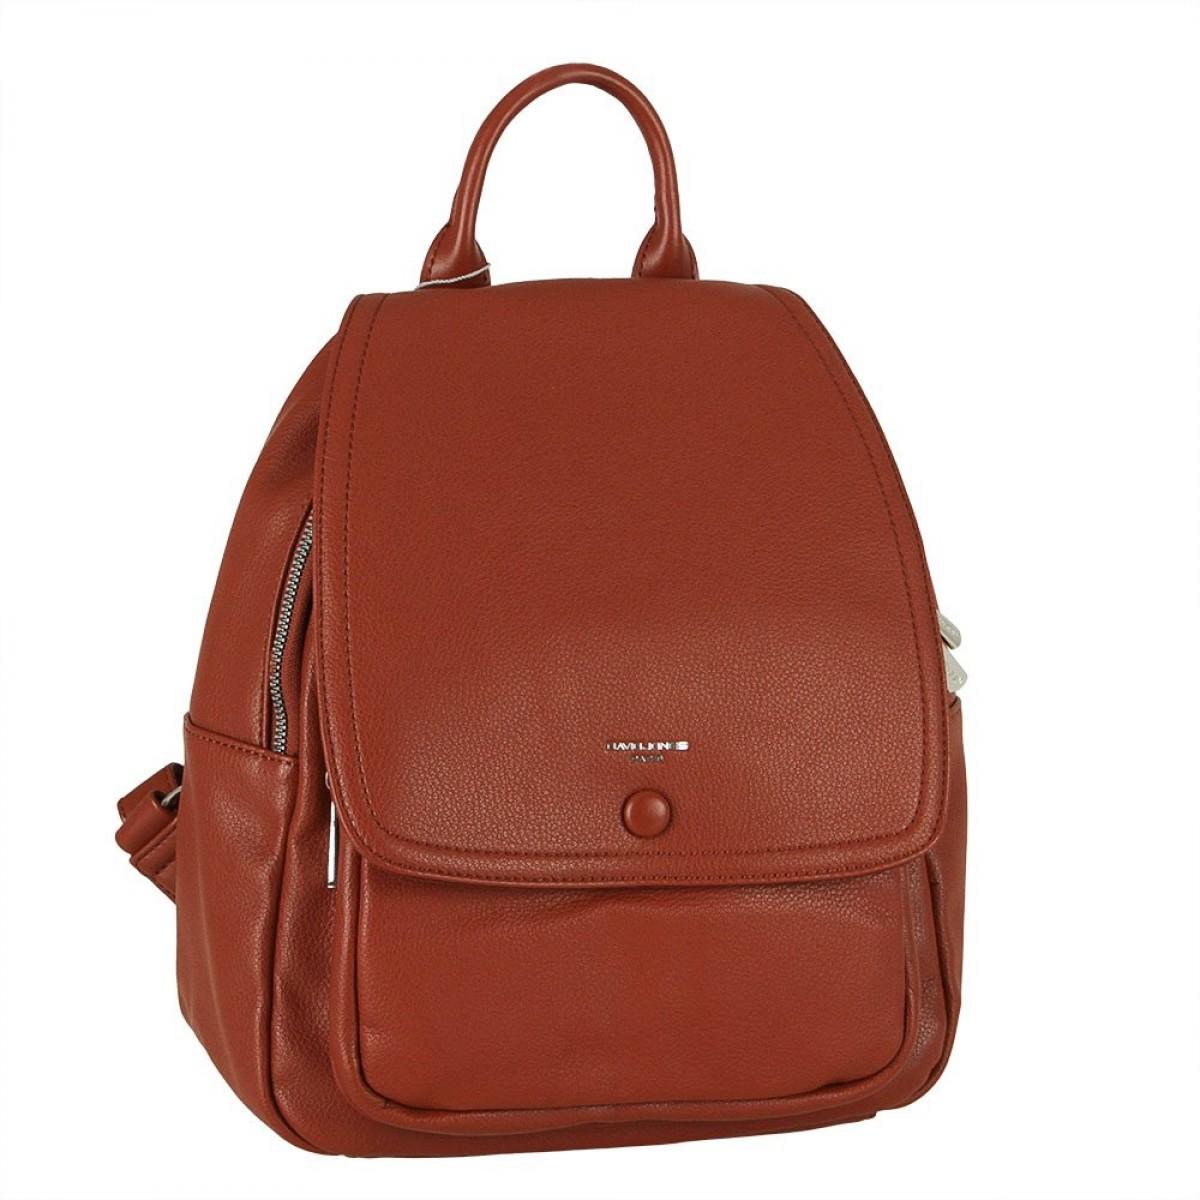 Жіночий рюкзак David Jones 6428-2 SIENNA